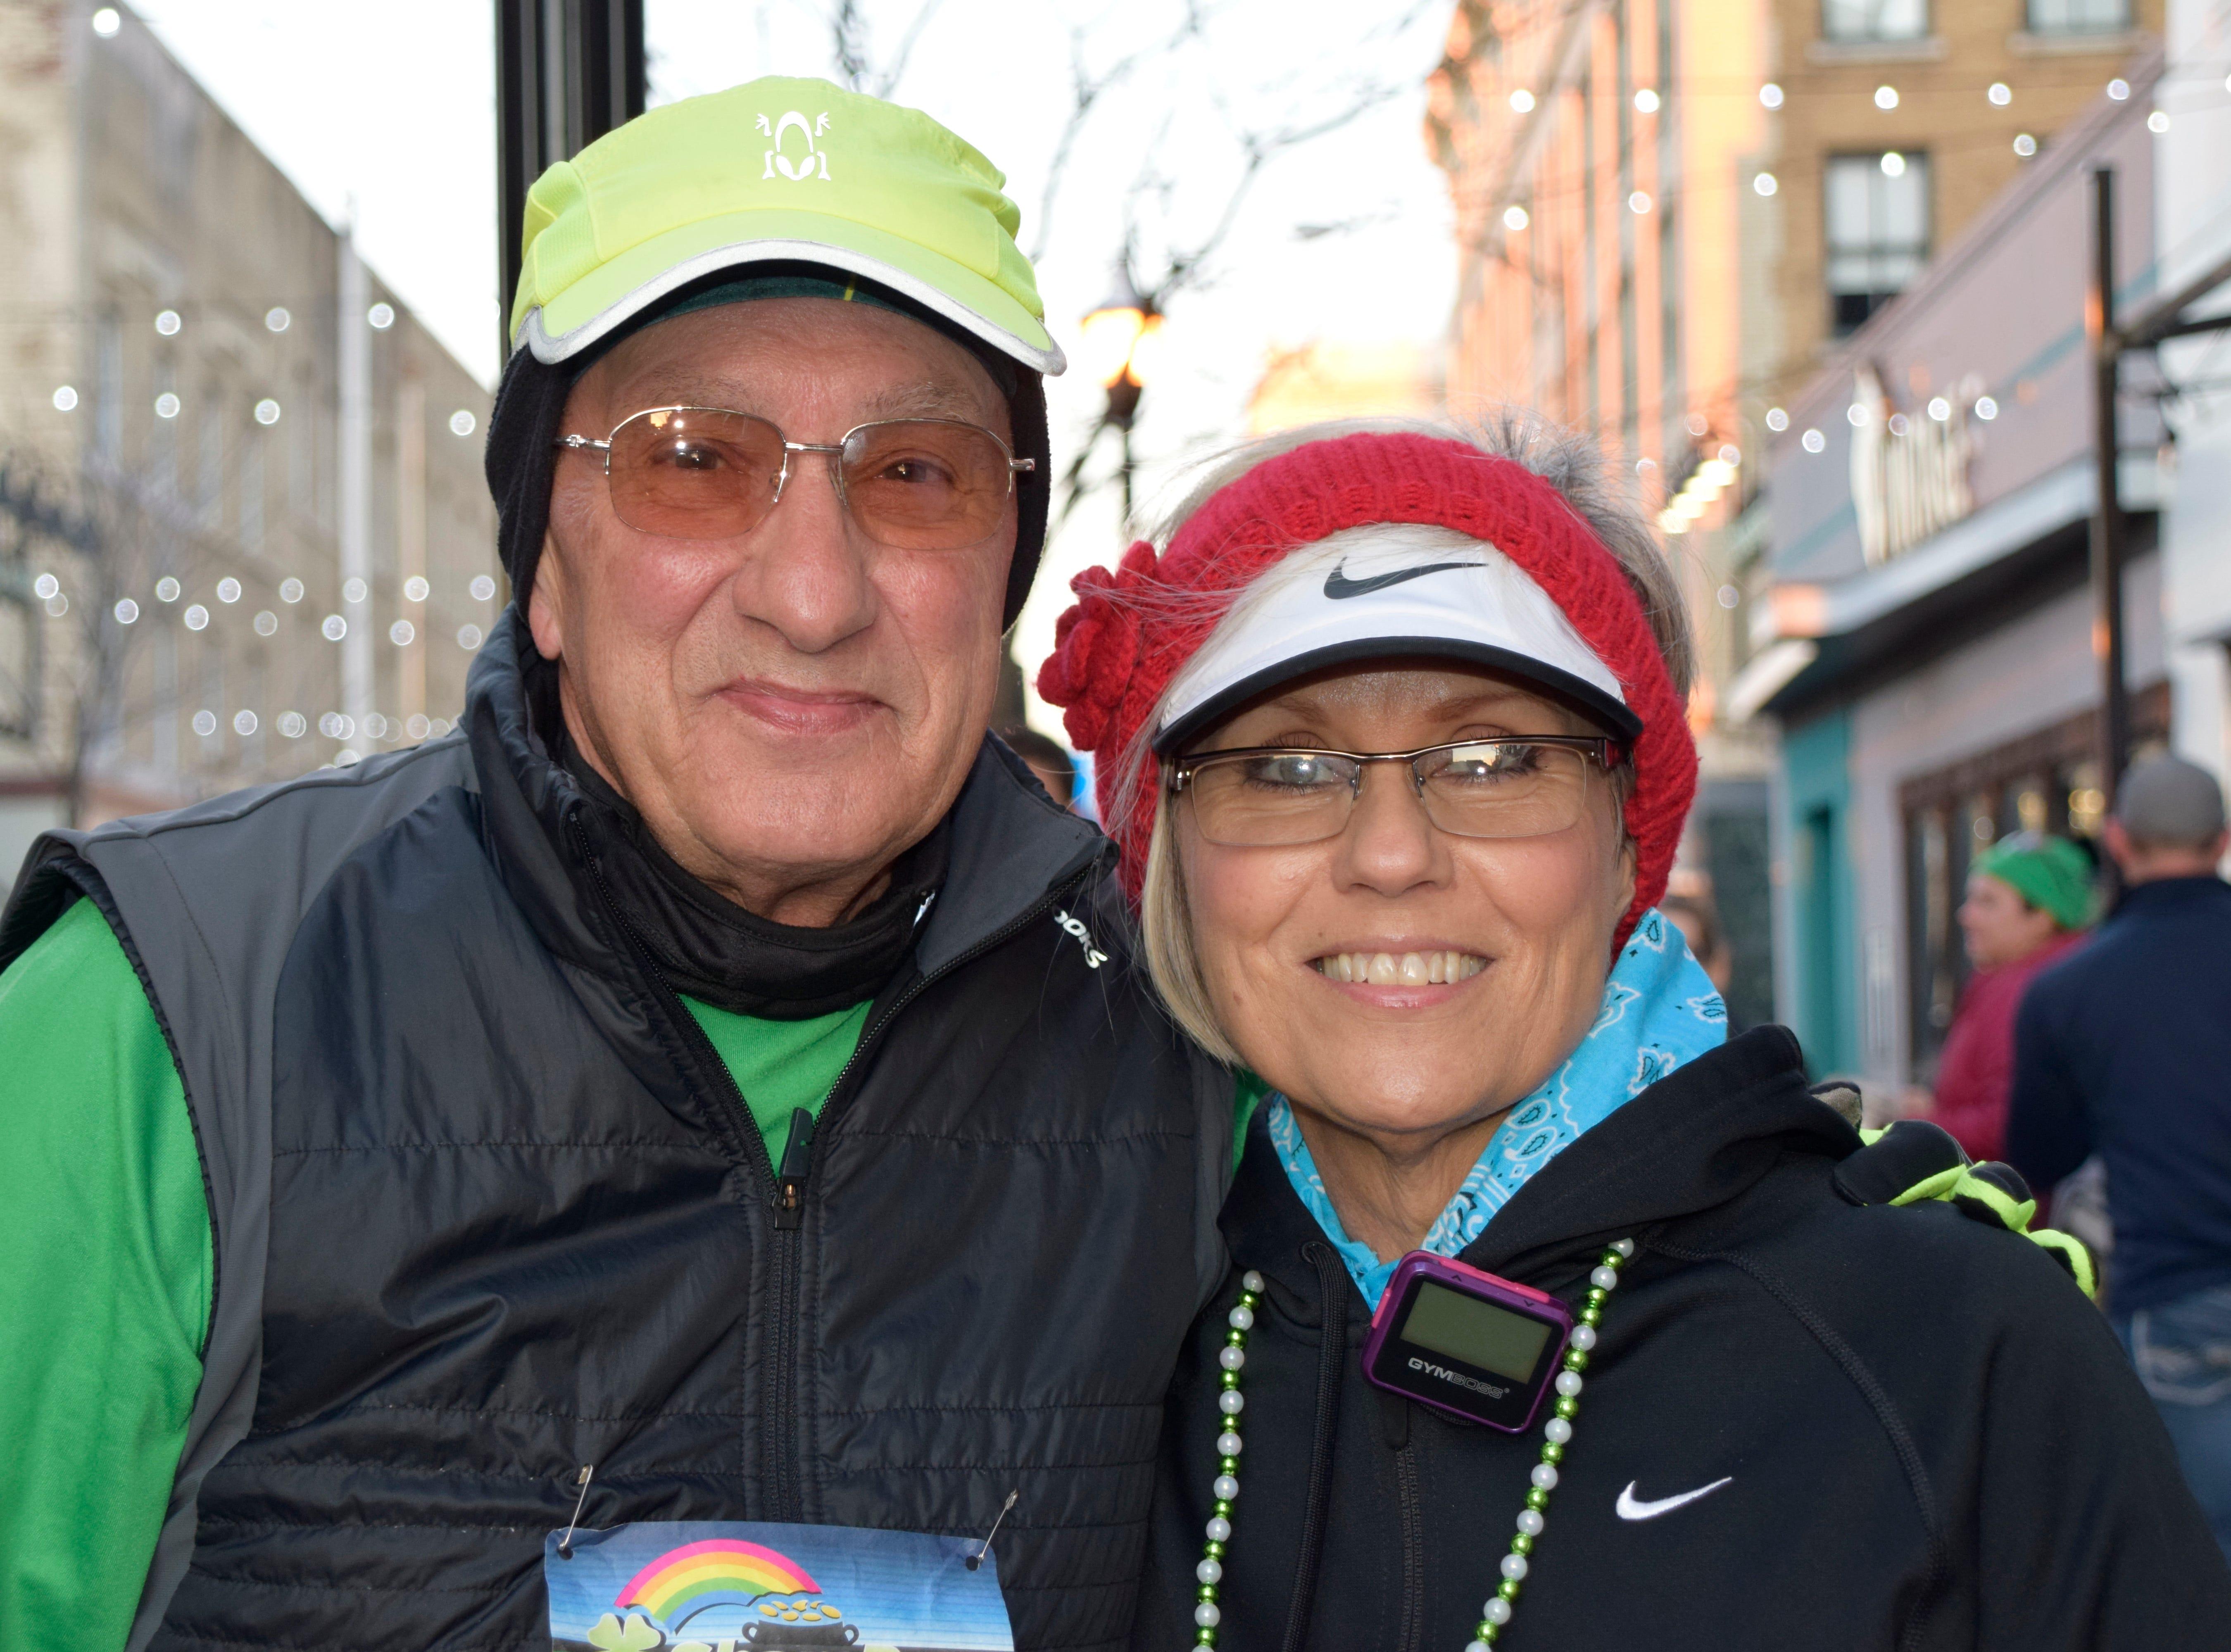 Bob Varusa and Pat Dedid